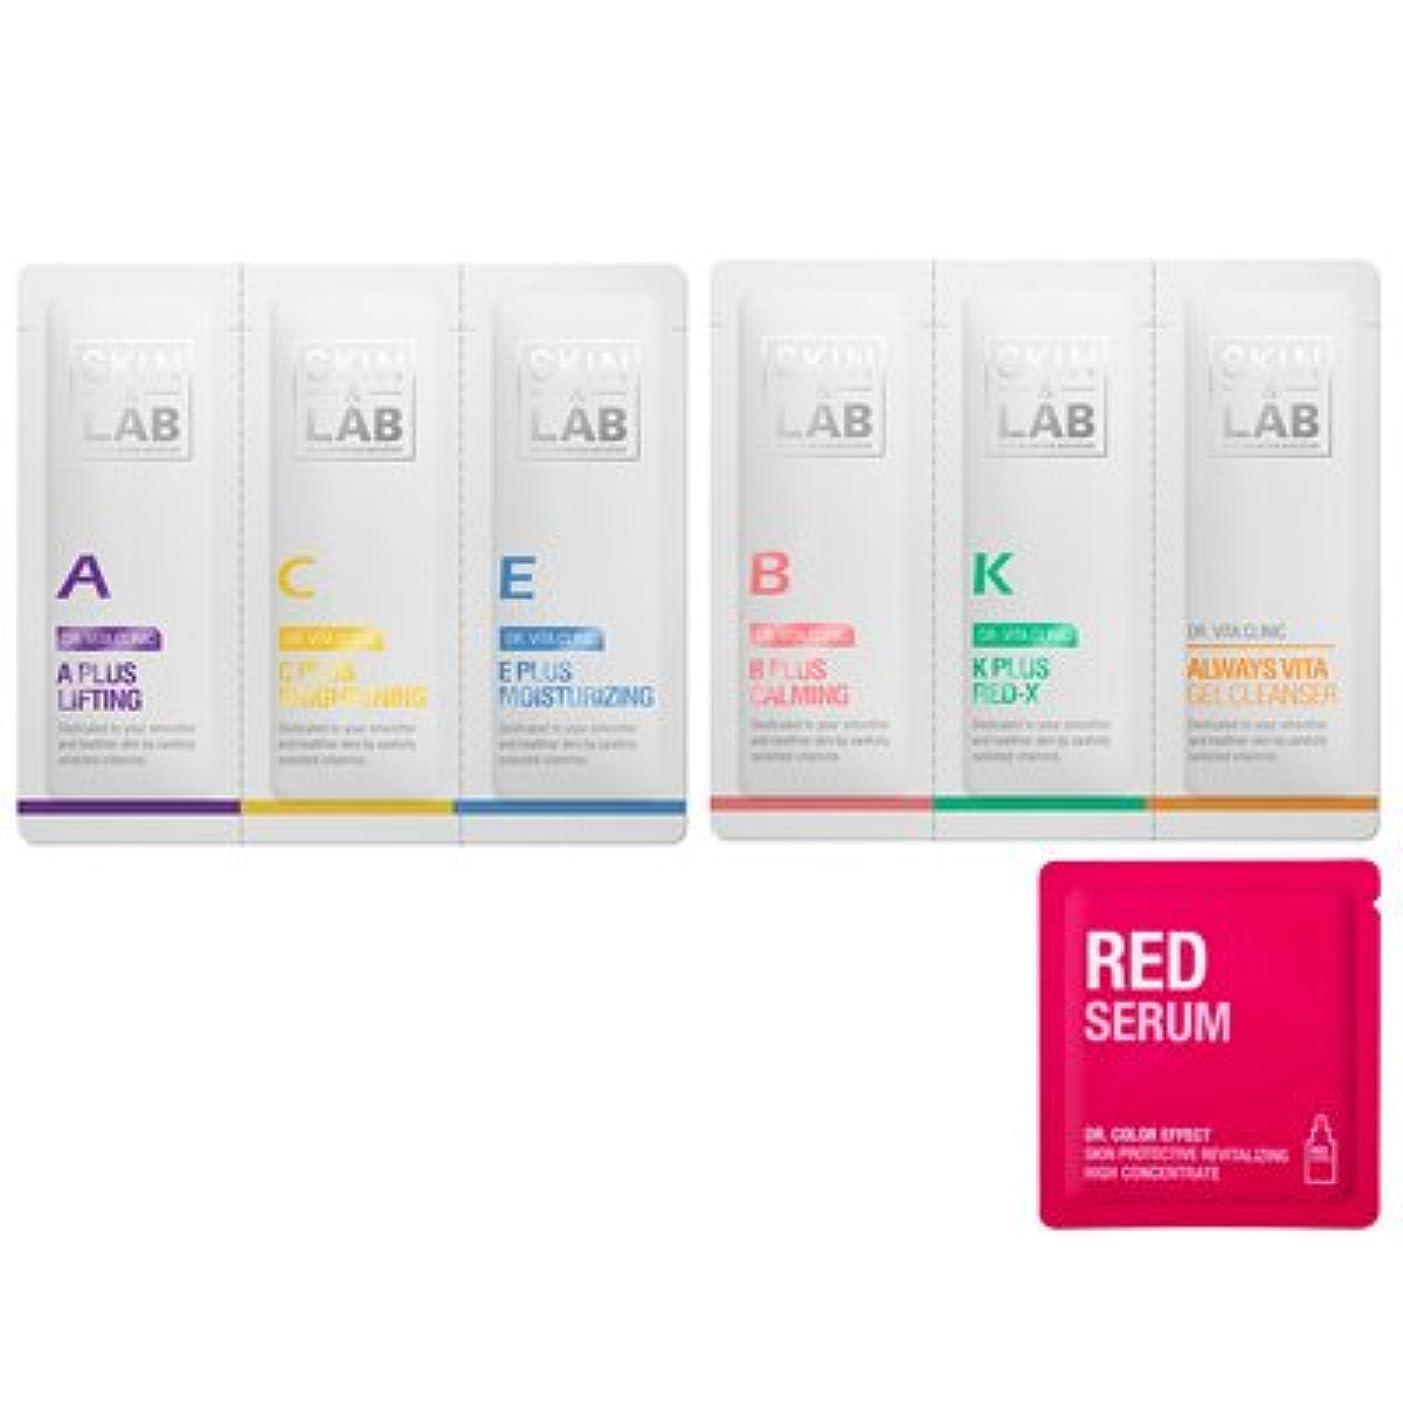 データムクラック施しSKIN&LAB(スキンアンドラブ) 基礎化粧品 サンプル 7点セット